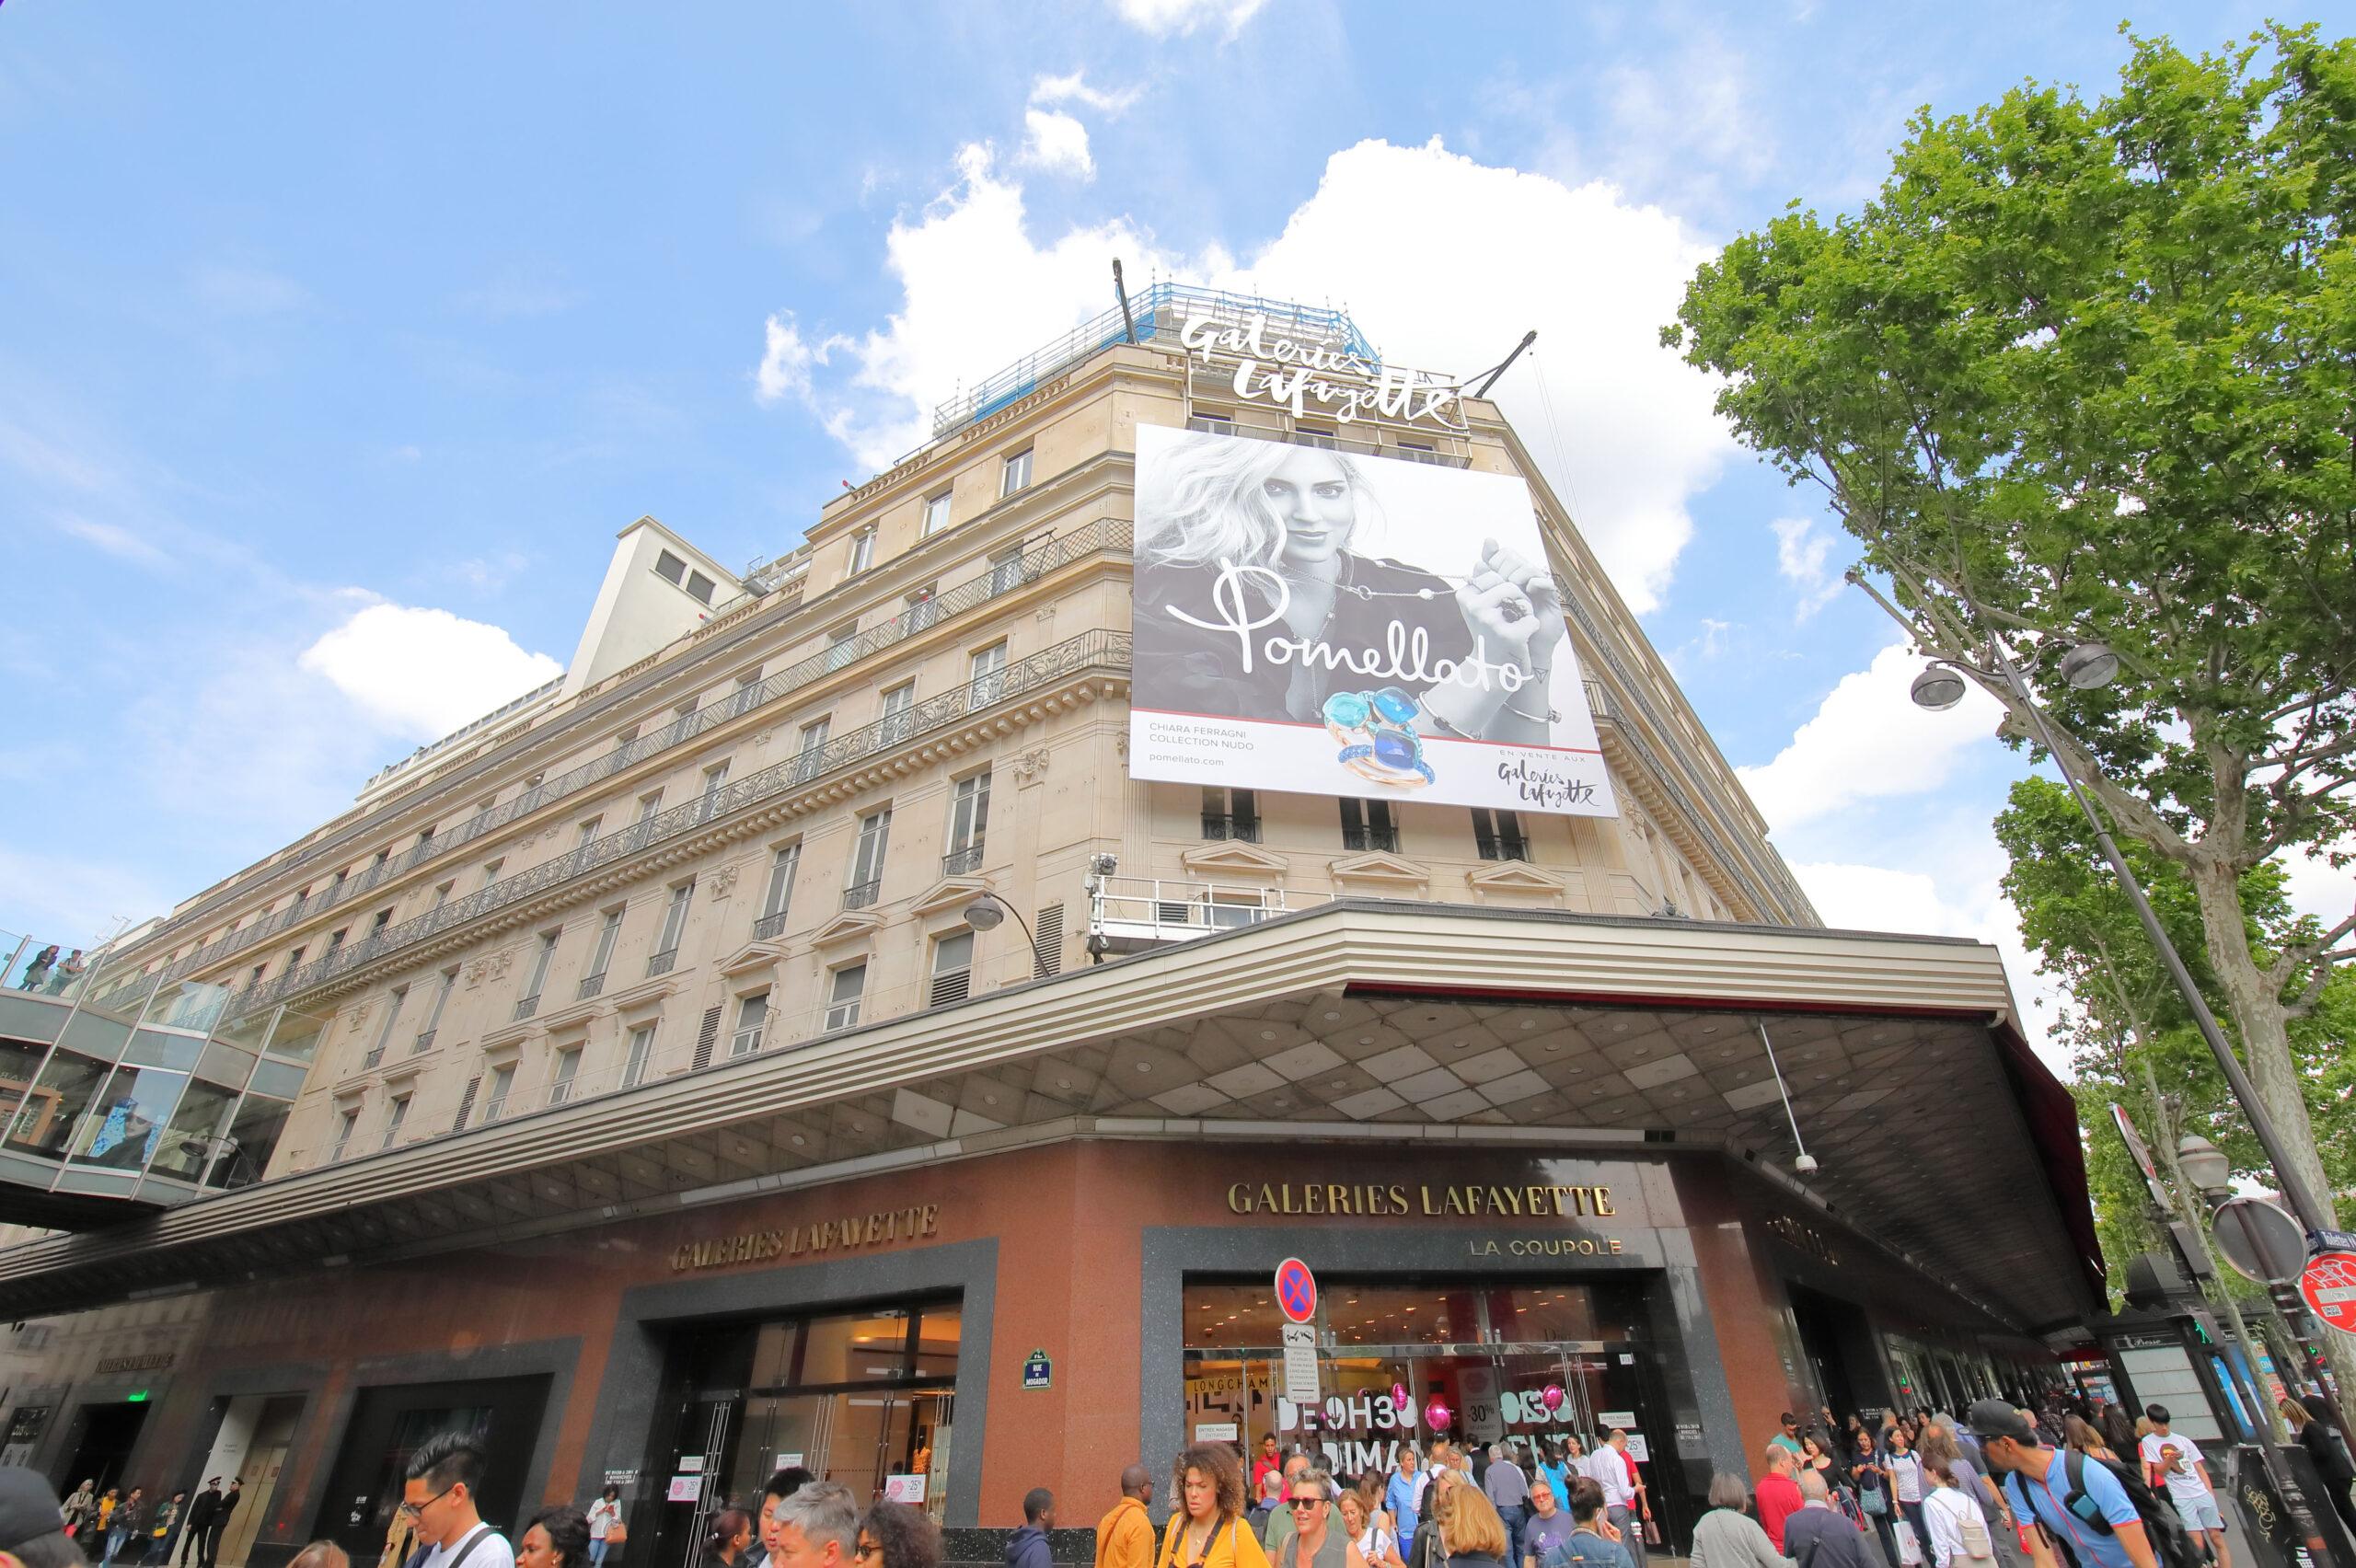 Galeries Lafayette Paris Frankrike shopping kjopesenter varehus inngang handling